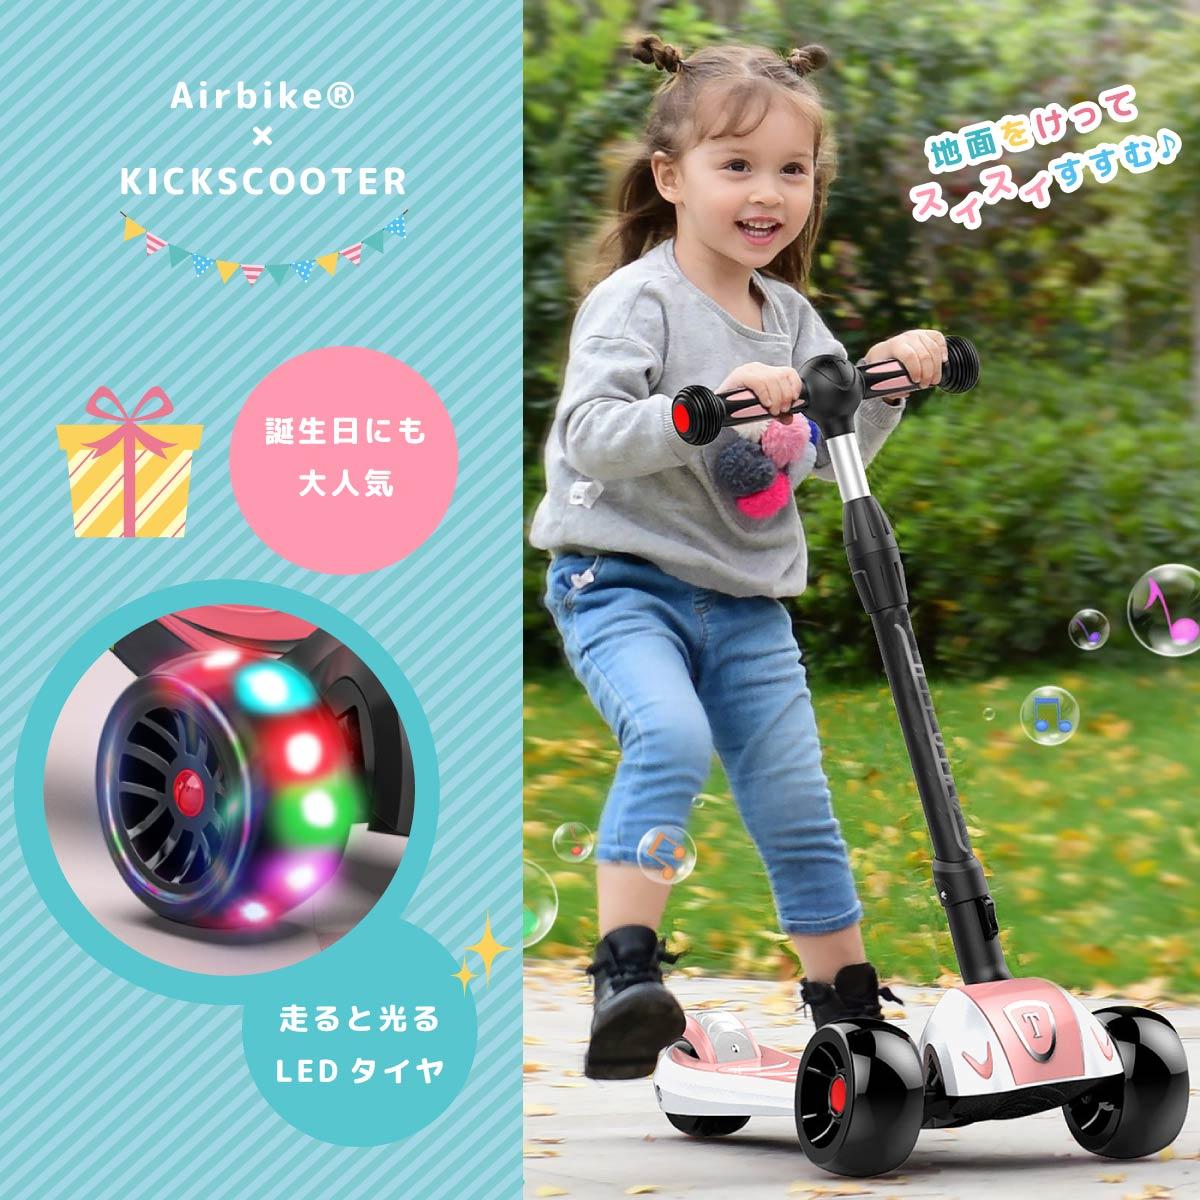 キックボード子供3輪キックスケーター子供用キックスクーターブレーキ付折りたたみAirbike